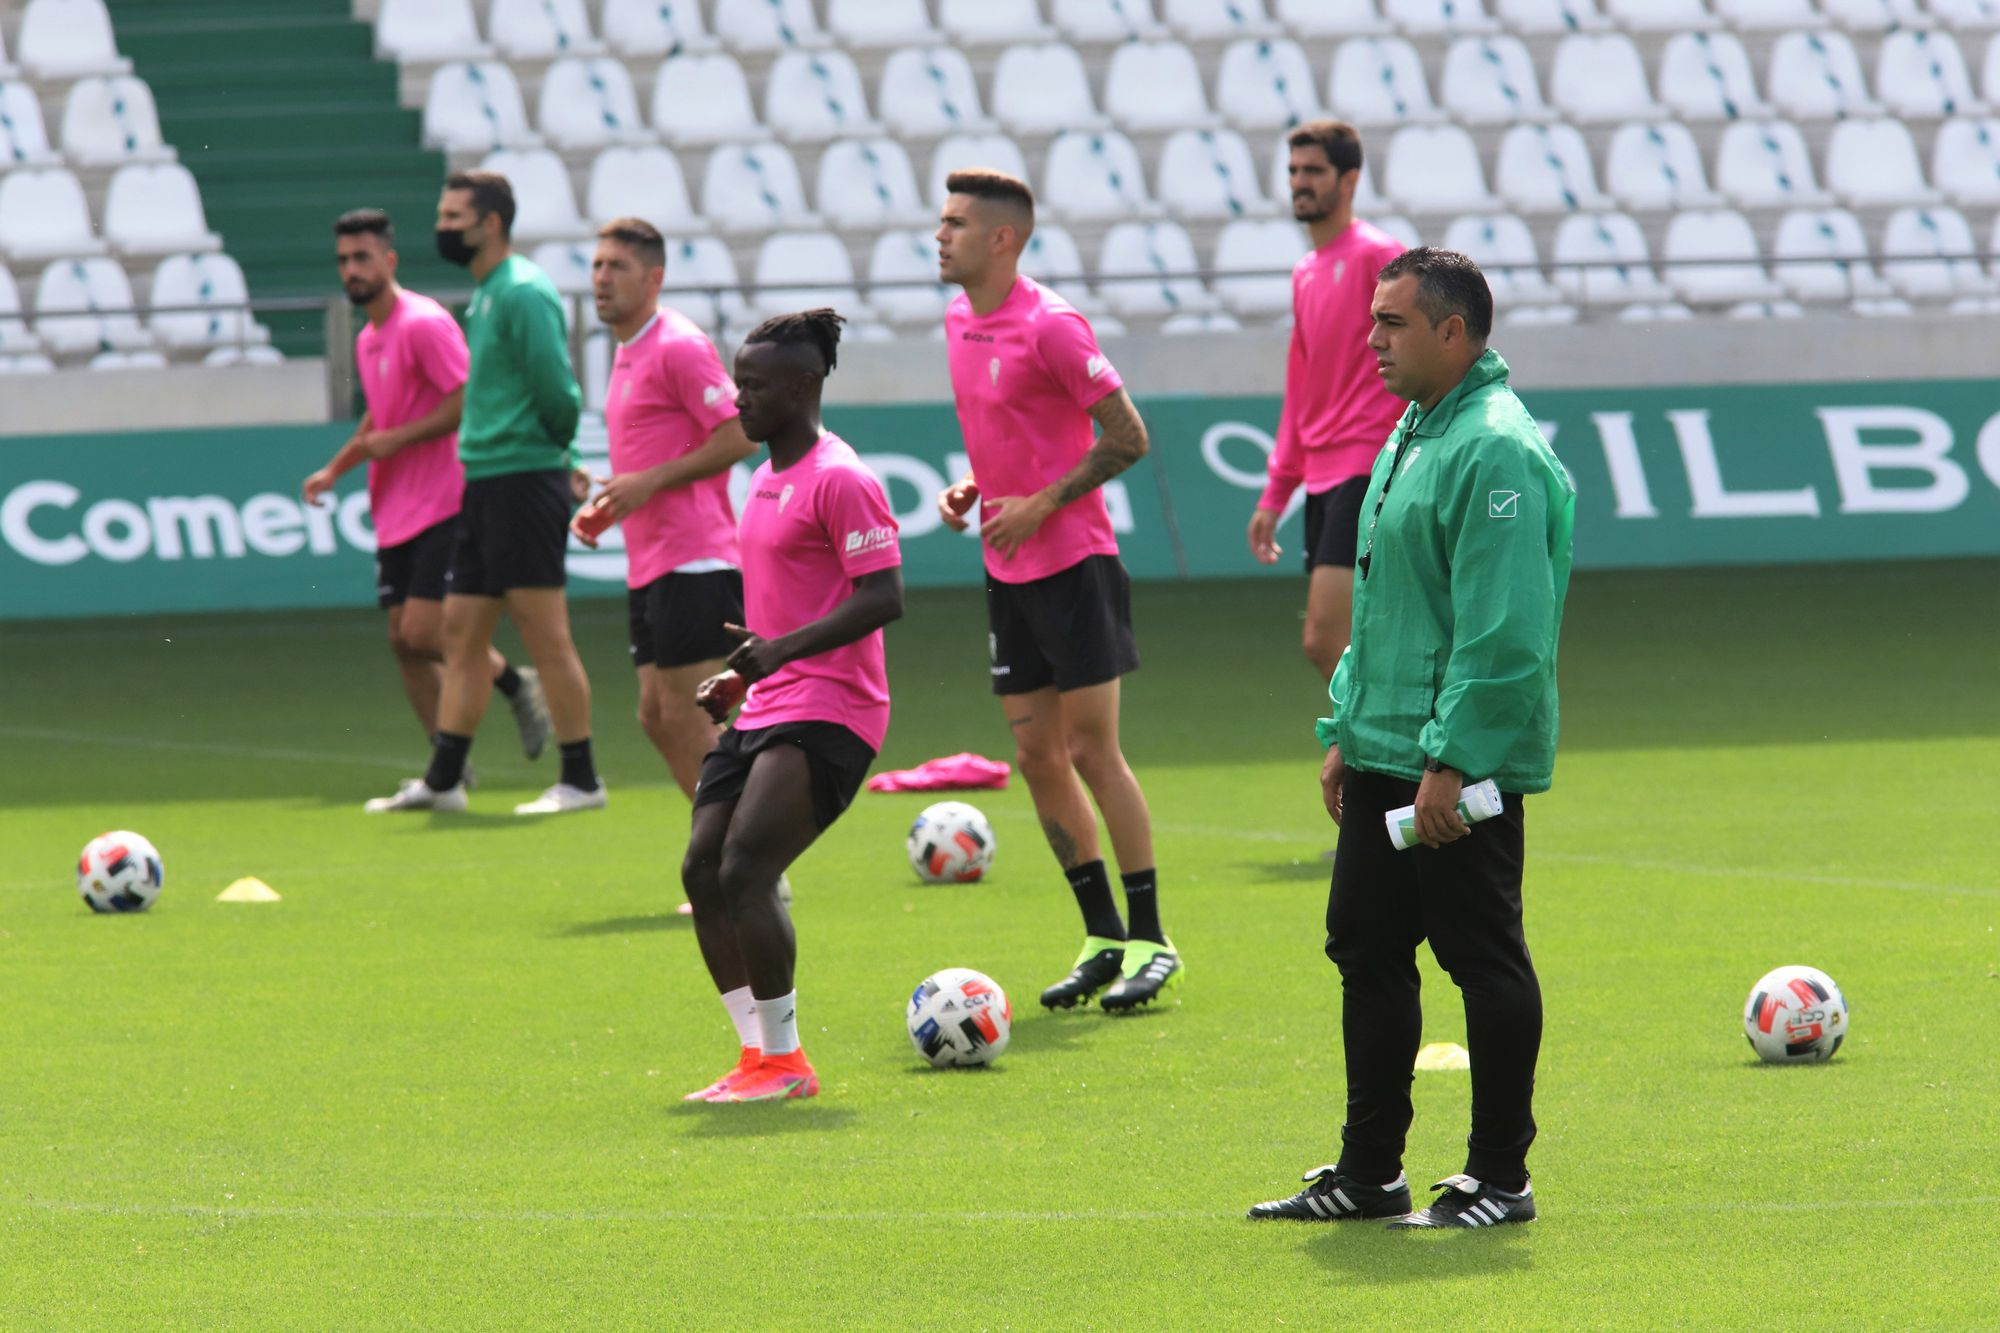 Primer entrenamiento de Germán Crespo como entrenador del Córdoba CF